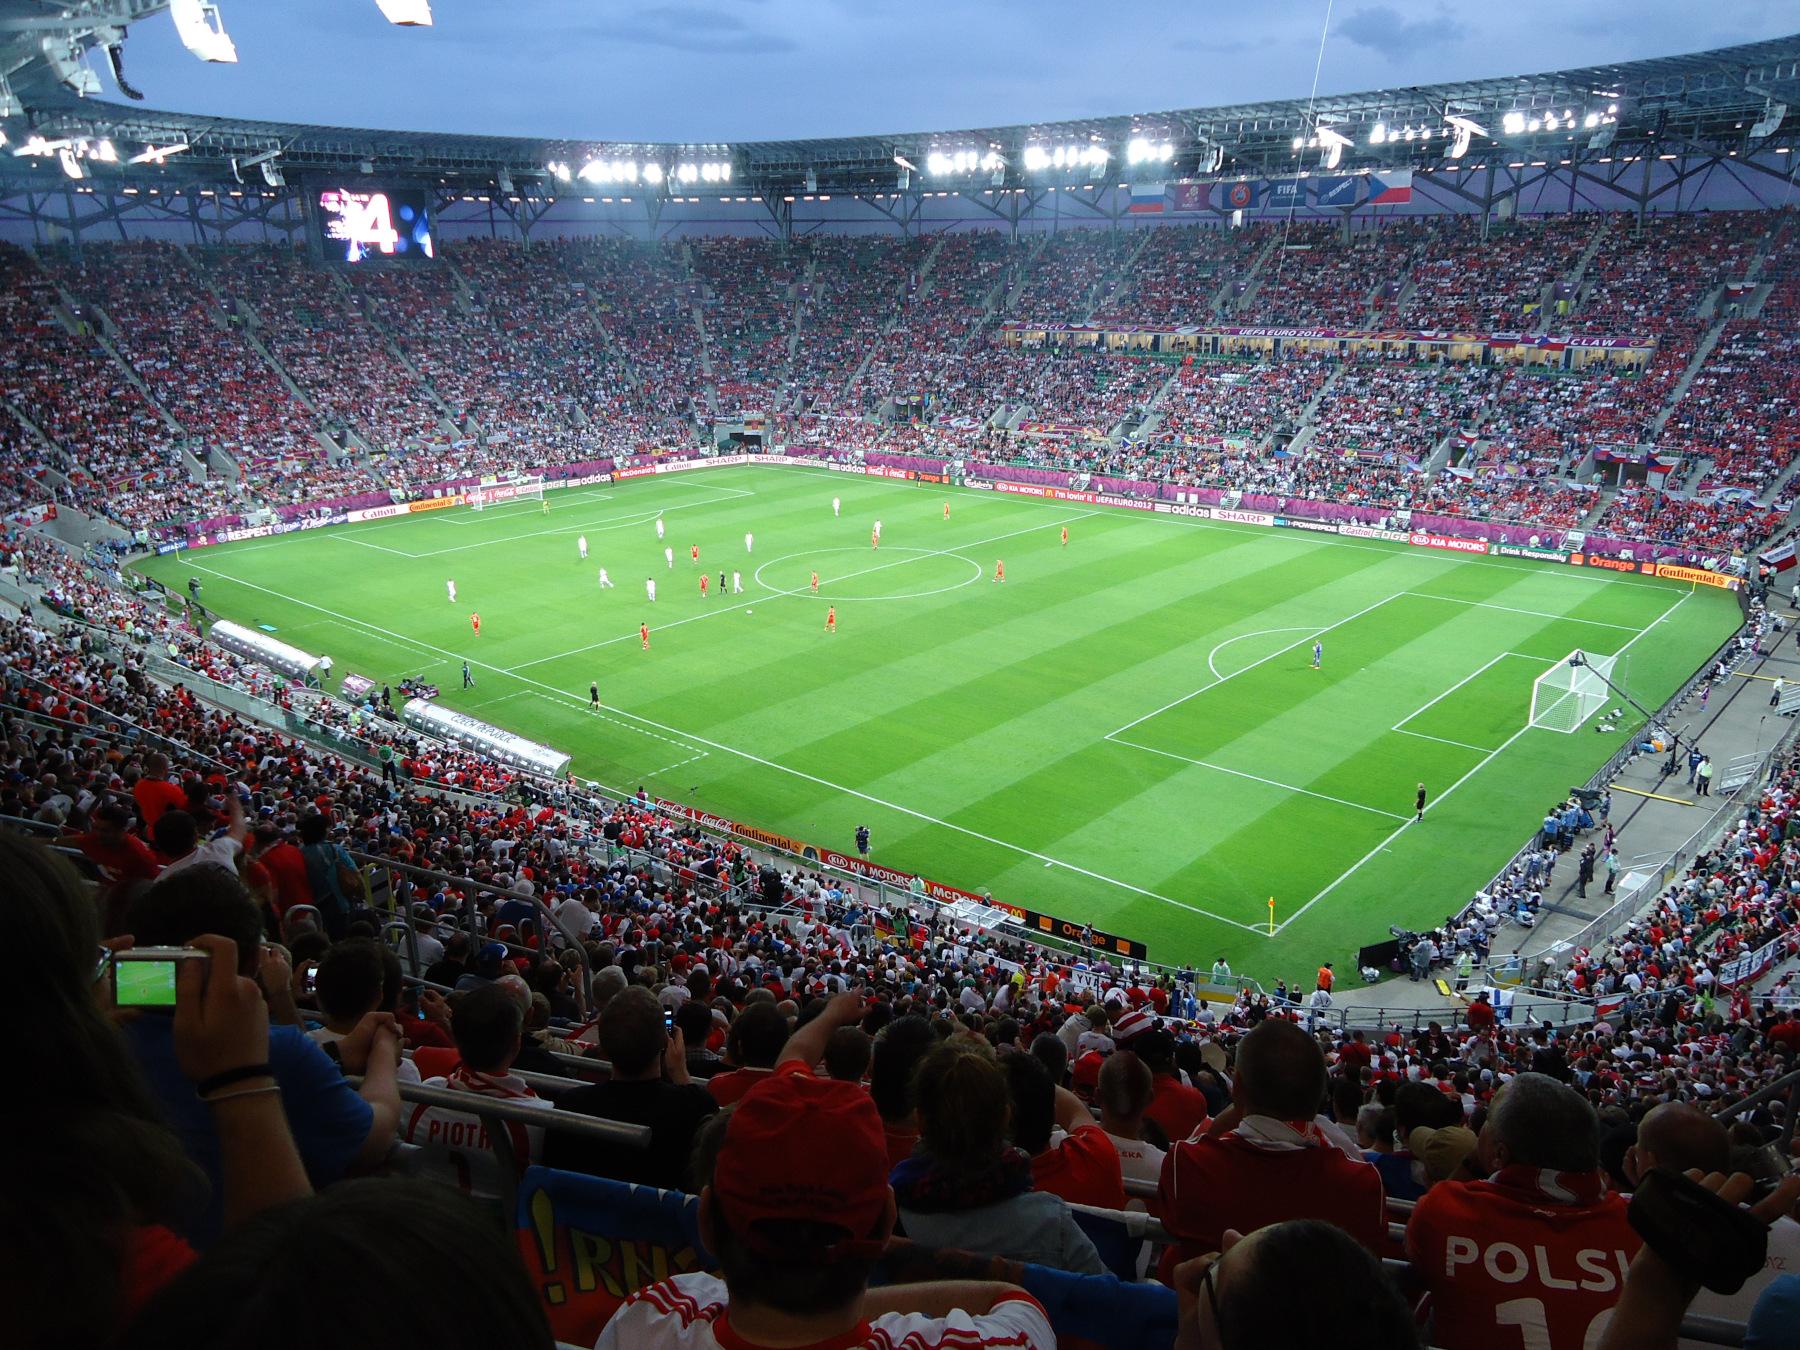 Городской стадион Евро-2012 матч России с командой Чехии